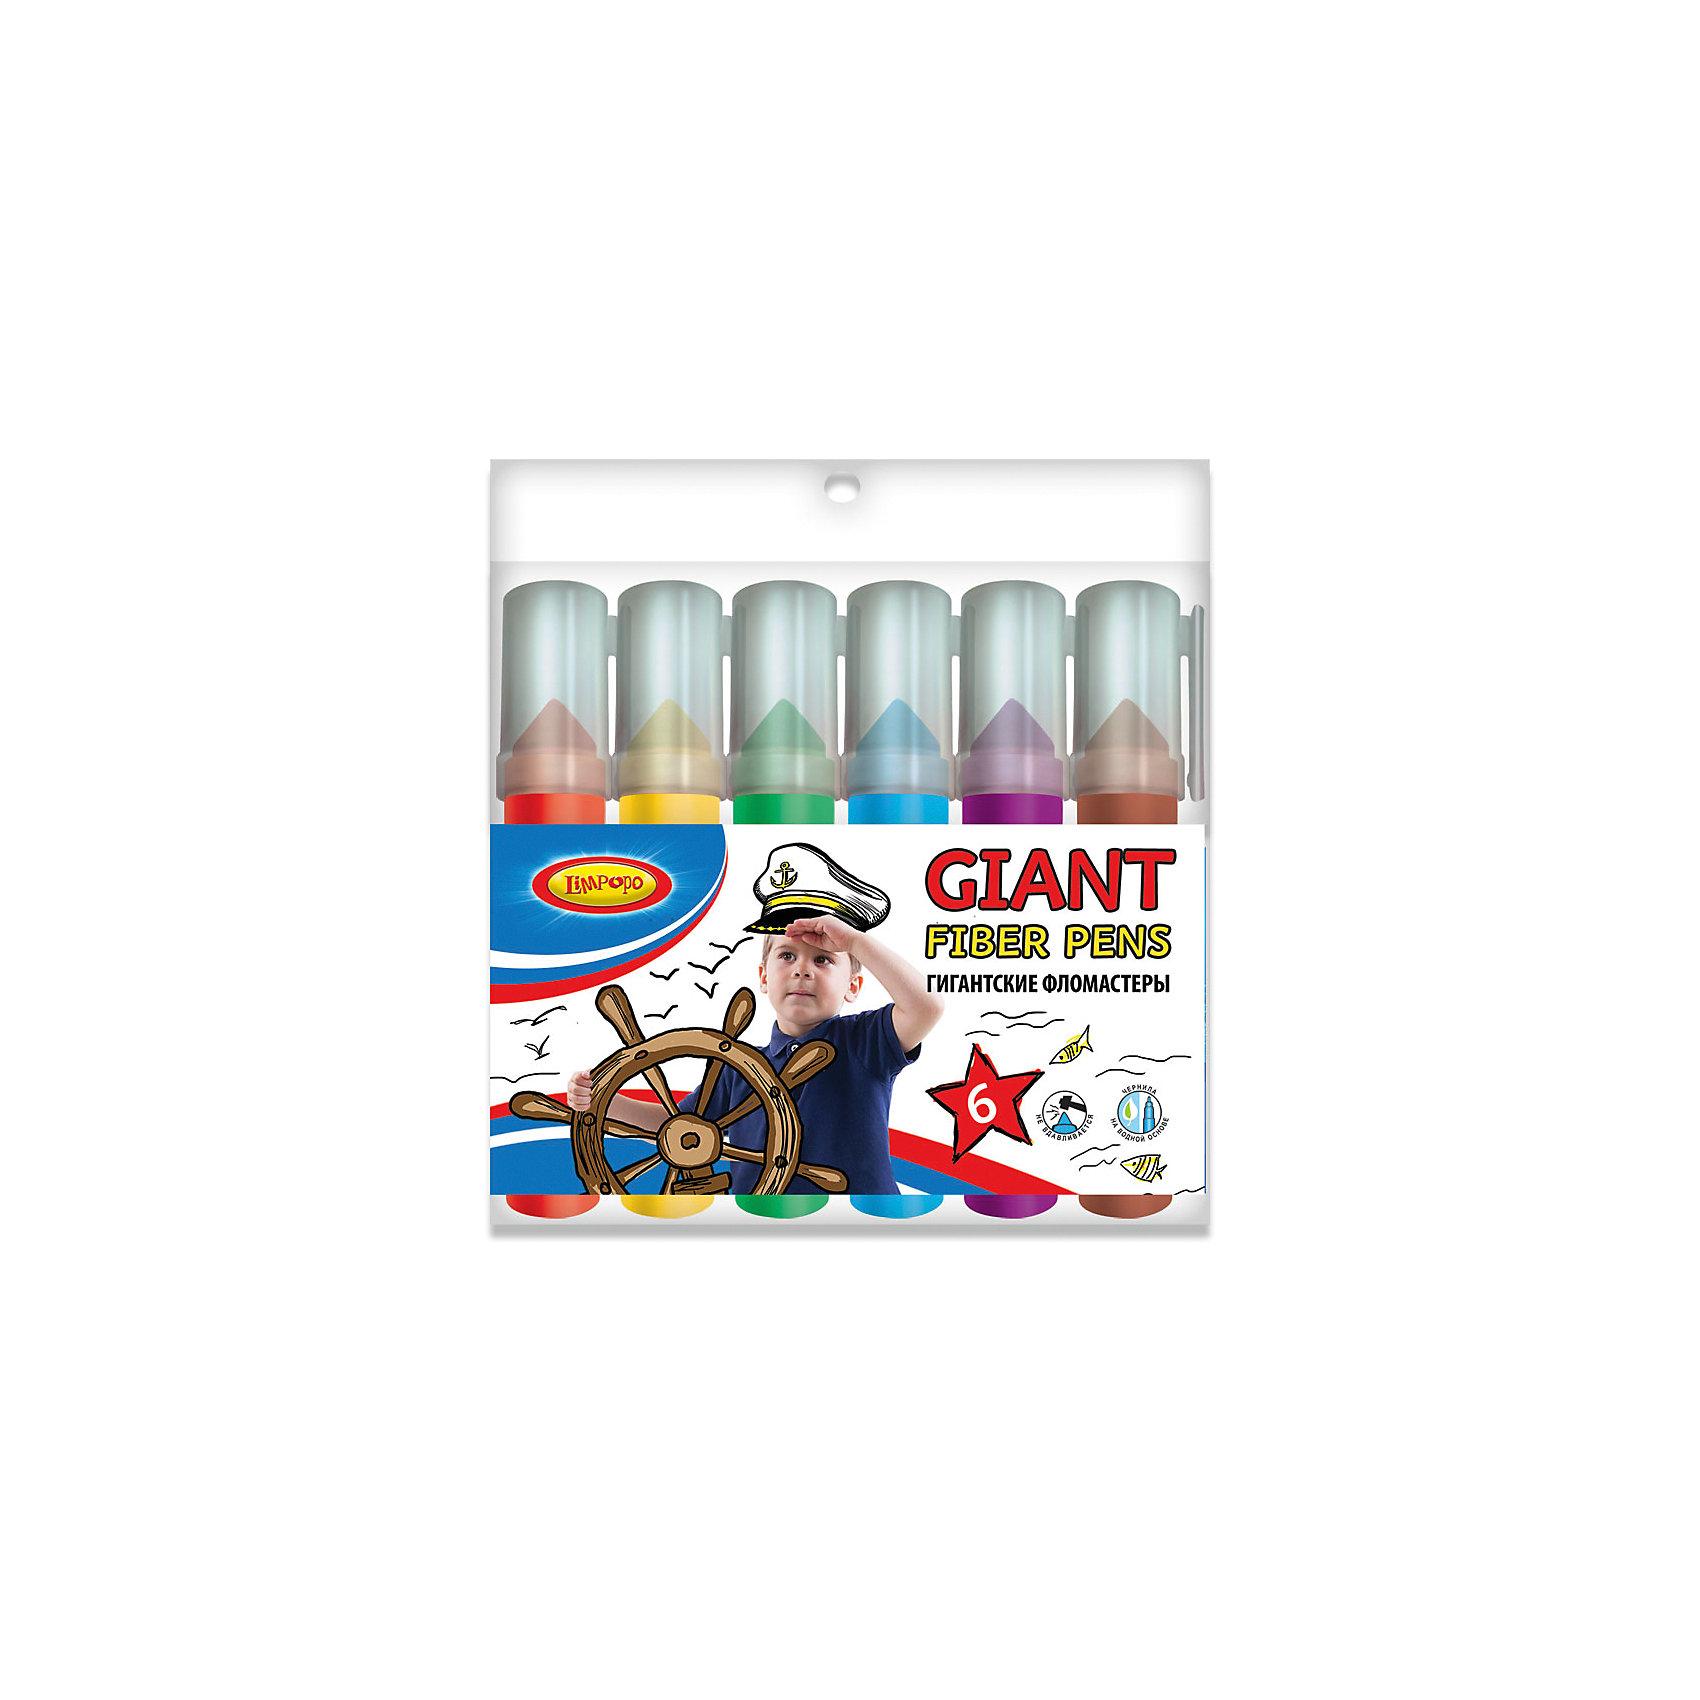 Фломастеры-гиганты Супер-дети 6 цветовФломастеры-гиганты Супер-дети 6 цветов, Limpopo (Лимпопо)<br><br>Характеристики:<br><br>• безопасные чернила<br>• яркие цвета<br>• вентилируемый колпачок<br>• пенал на молнии<br>• привлекательный дизайн упаковки<br>• в комплекте: 6 фломастеров<br>• размер упаковки: 16х15,5х2 см<br>• вес: 148 грамм<br><br>Рисование фломастерами - очень полезное и увлекательное занятие. А если фломастеры большие, то они принесут много радости и положительных эмоций! Фломастеры-гиганты Супер-дети отличаются большим размером. Юный художник обязательно сможет найти им применение. В комплект входят 6 фломастеров с вентилируемым колпачком. Чернила безопасны для ребенка. Вентилируемый колпачок предотвратит быстрое высыхание. Пенал имеет молнию, с помощью которой можно застегнуть упаковку после рисования.<br><br>Фломастеры-гиганты Супер-дети 6 цветов, Limpopo (Лимпопо) вы можете купить в нашем интернет-магазине.<br><br>Ширина мм: 155<br>Глубина мм: 20<br>Высота мм: 160<br>Вес г: 148<br>Возраст от месяцев: 36<br>Возраст до месяцев: 96<br>Пол: Унисекс<br>Возраст: Детский<br>SKU: 5390294